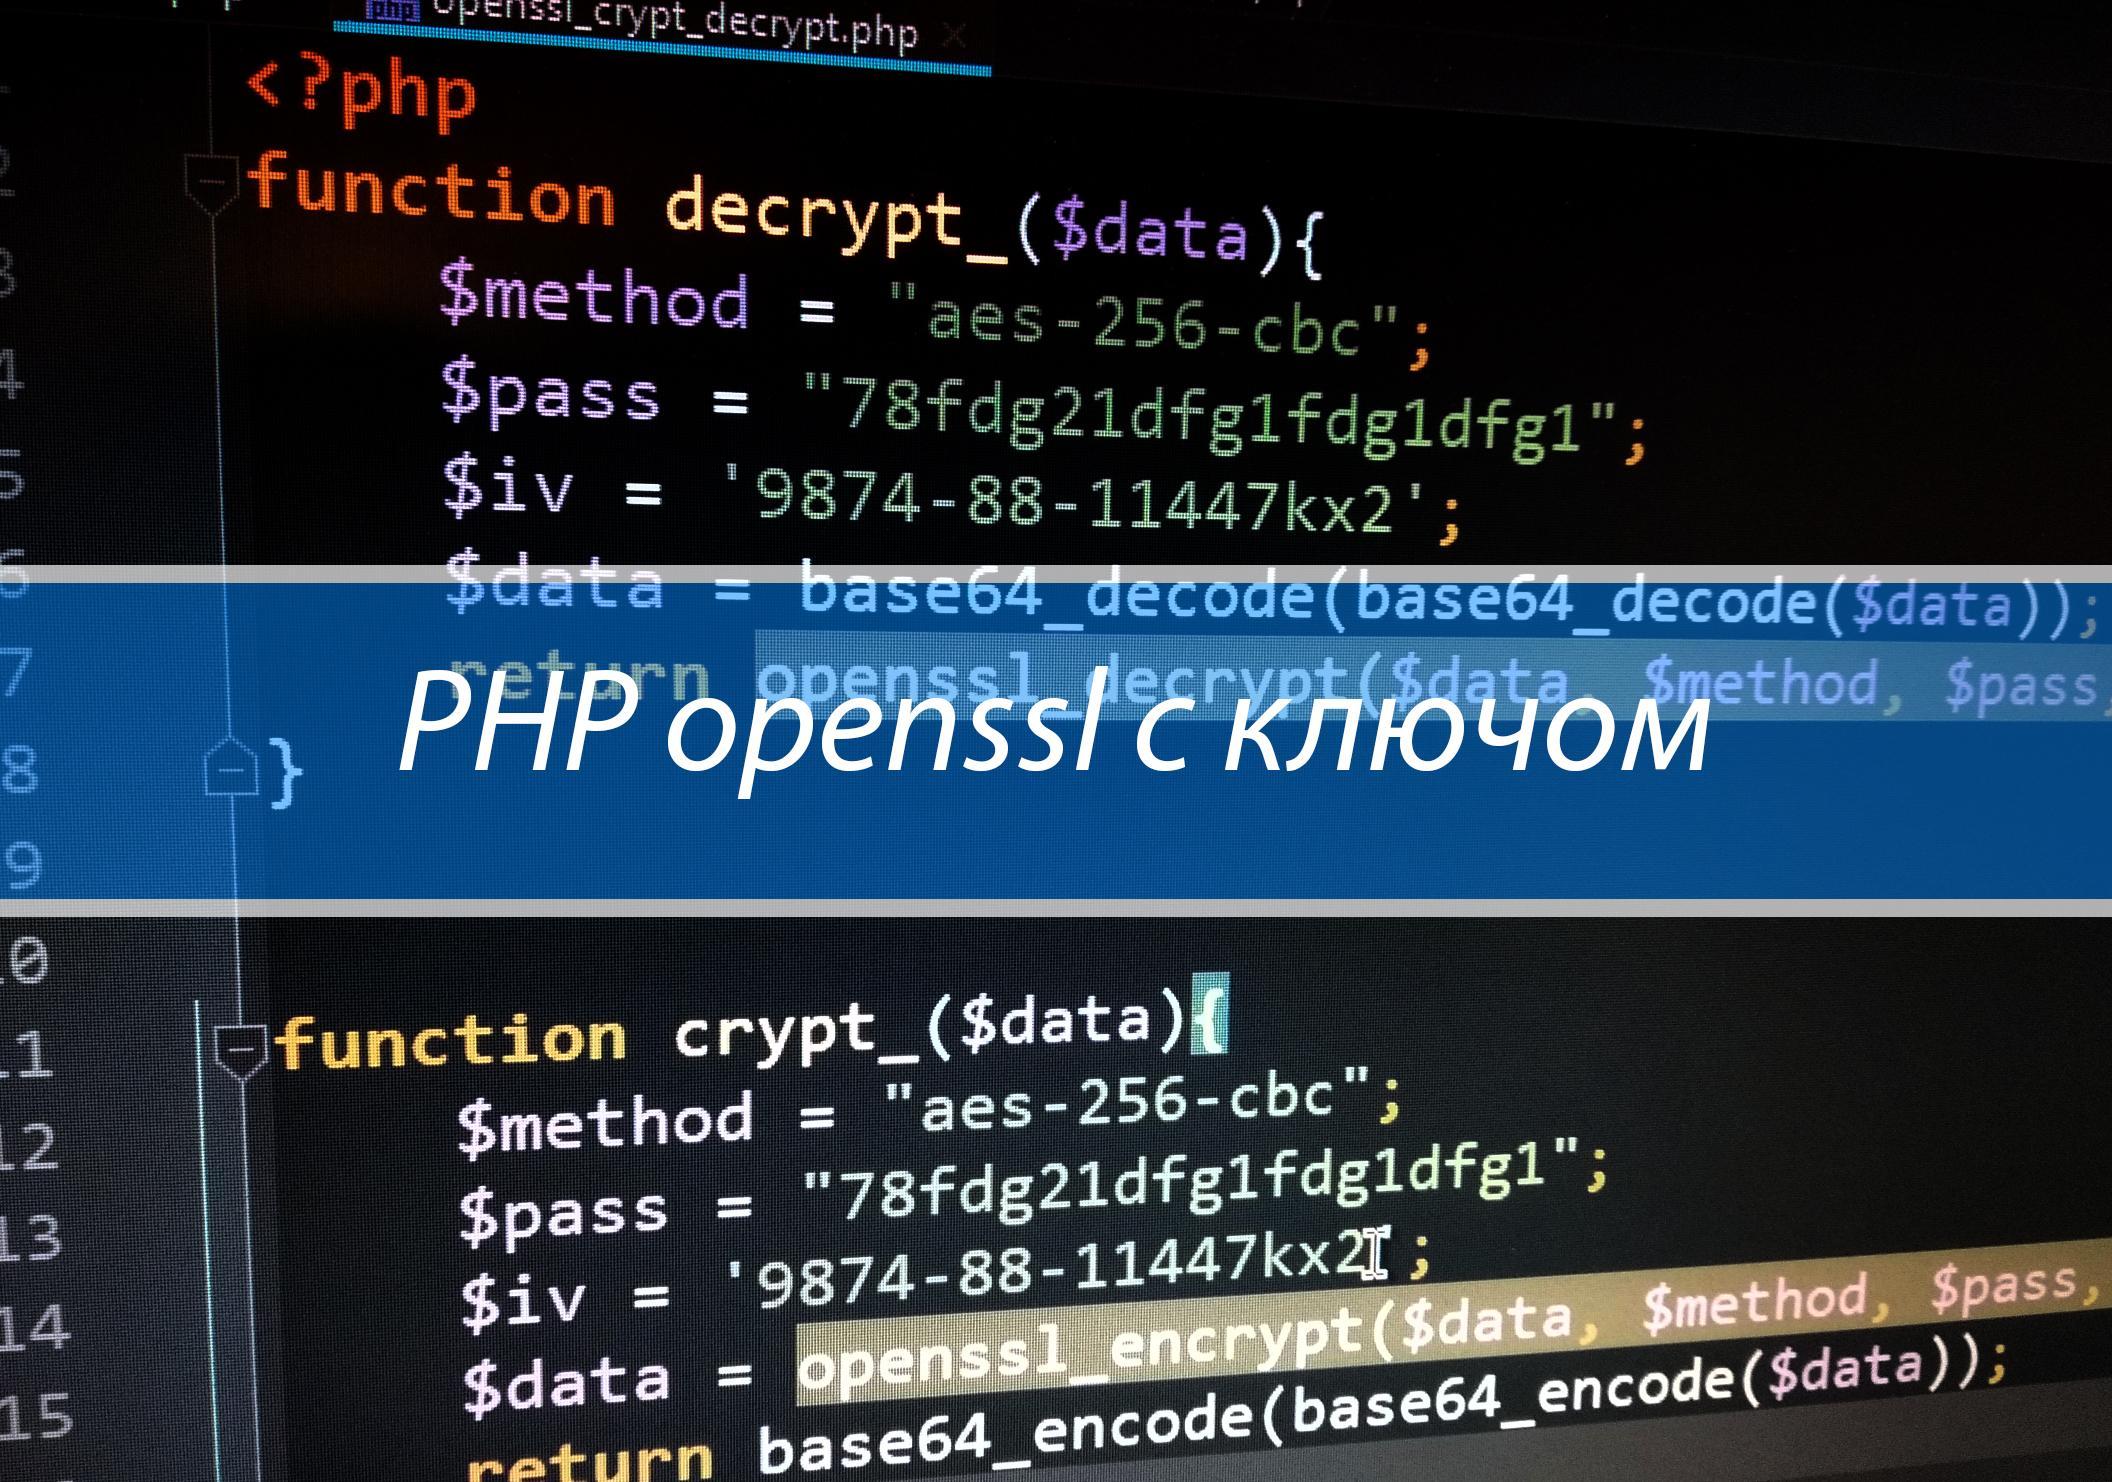 Закодировать/декодировать данные PHP openssl с ключом